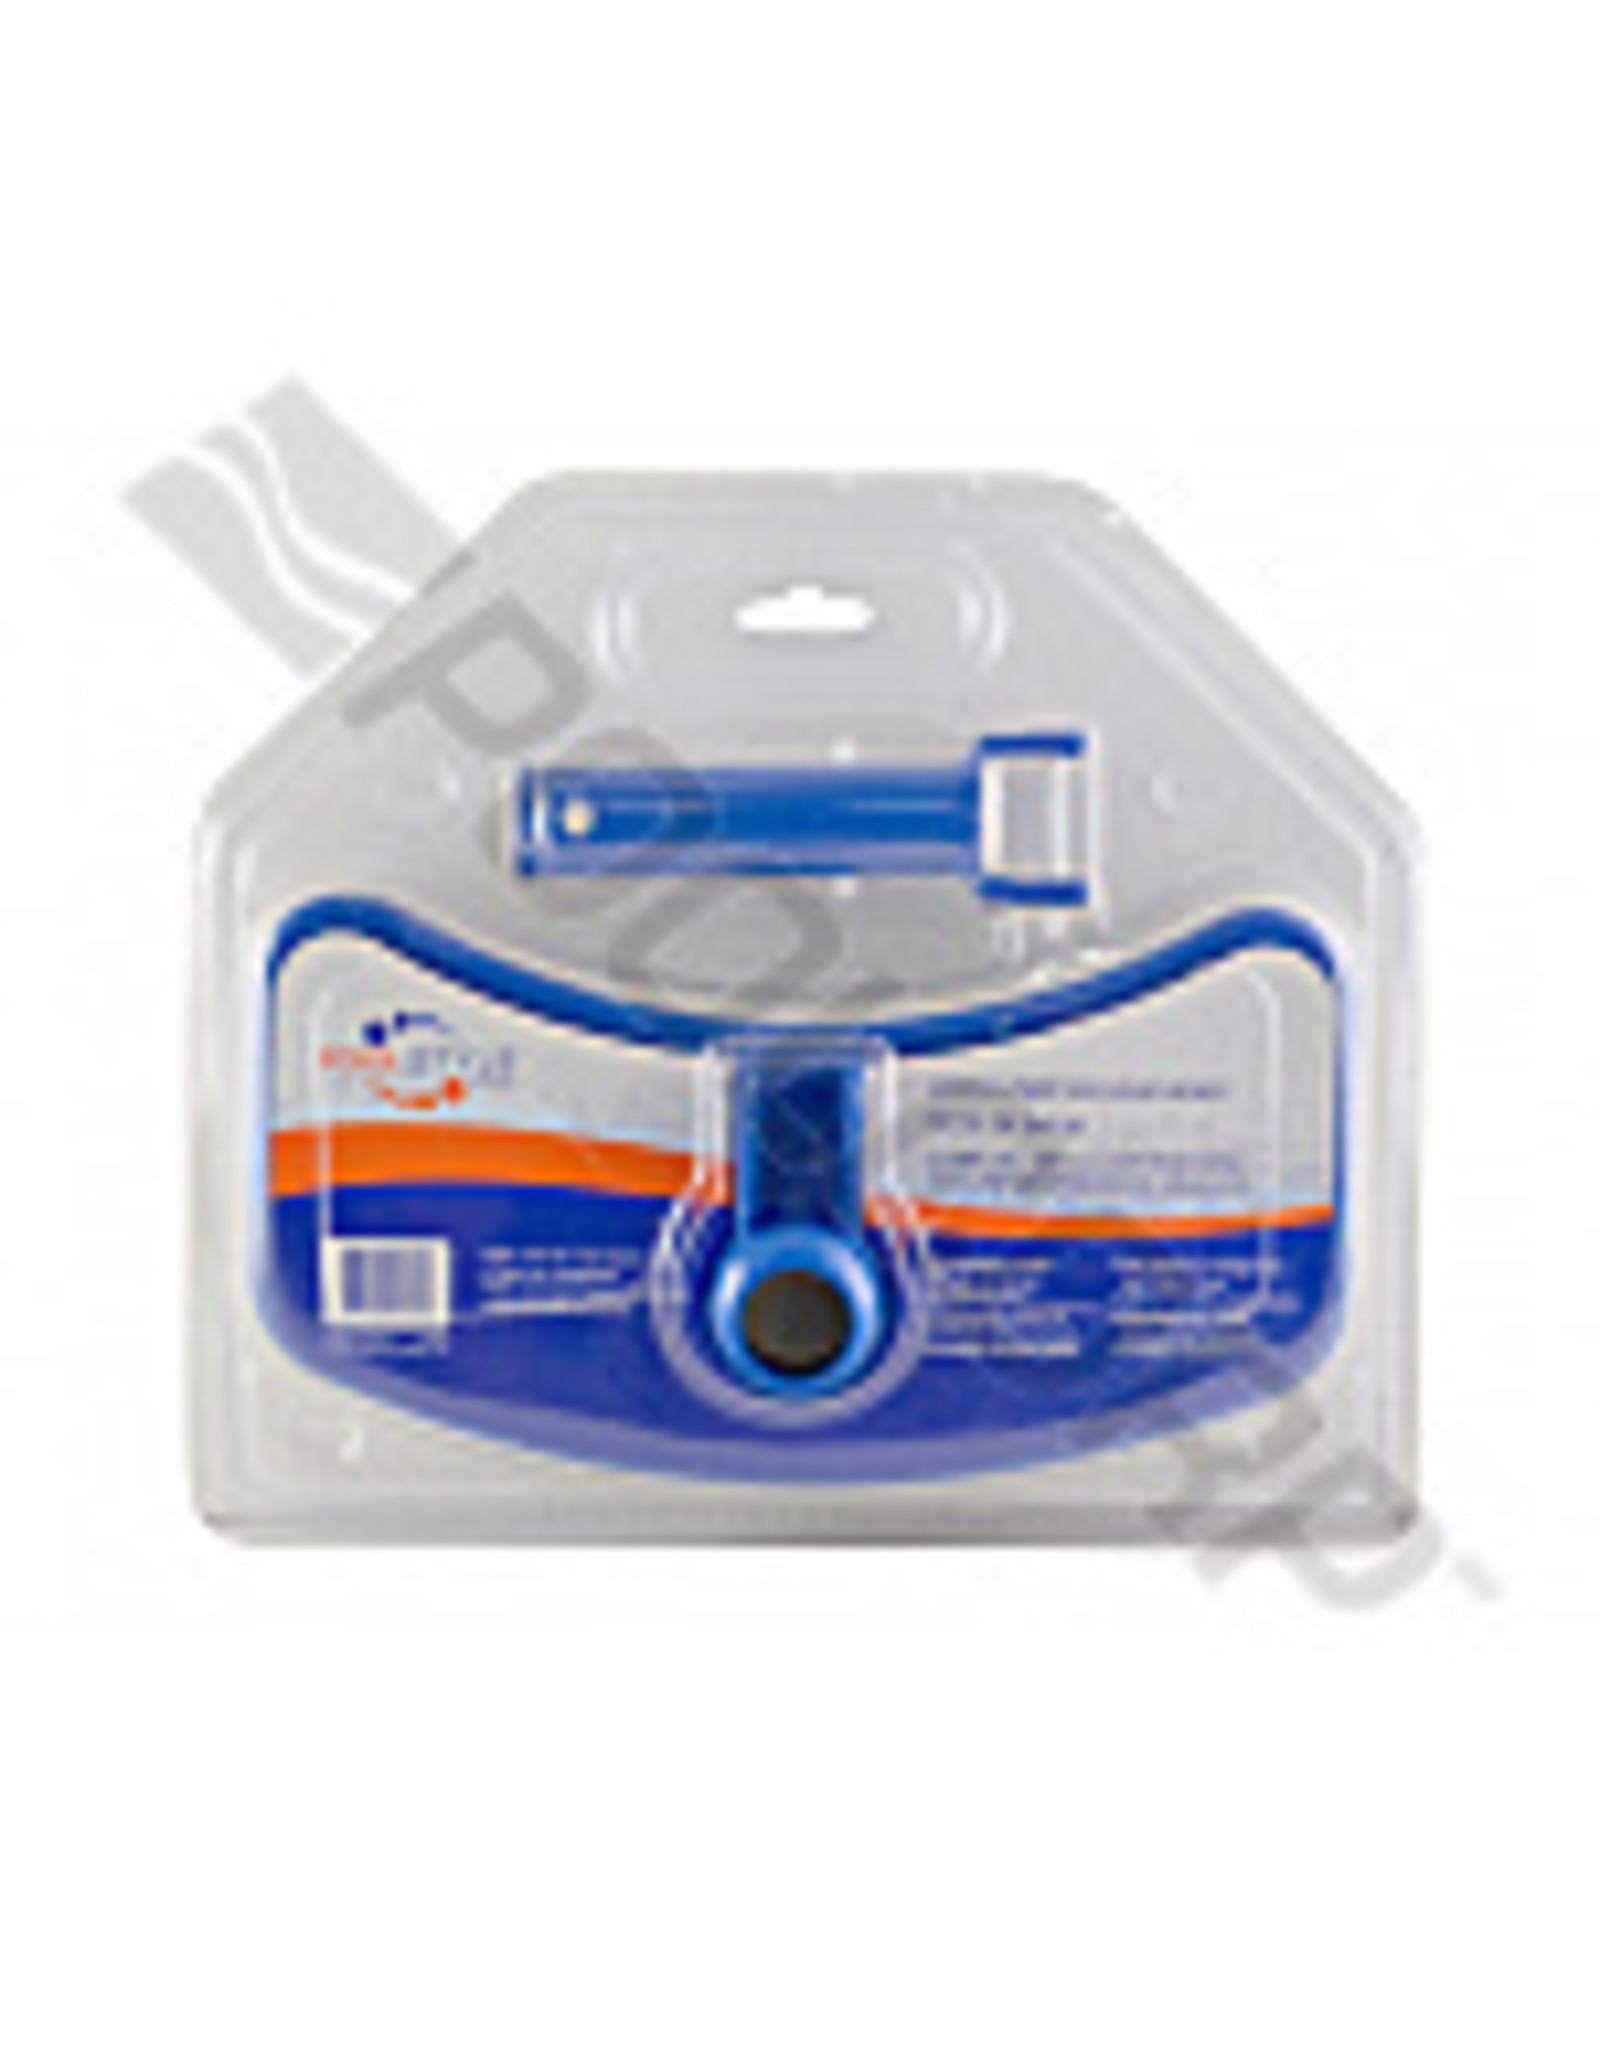 SPS PS023 VAC HEAD